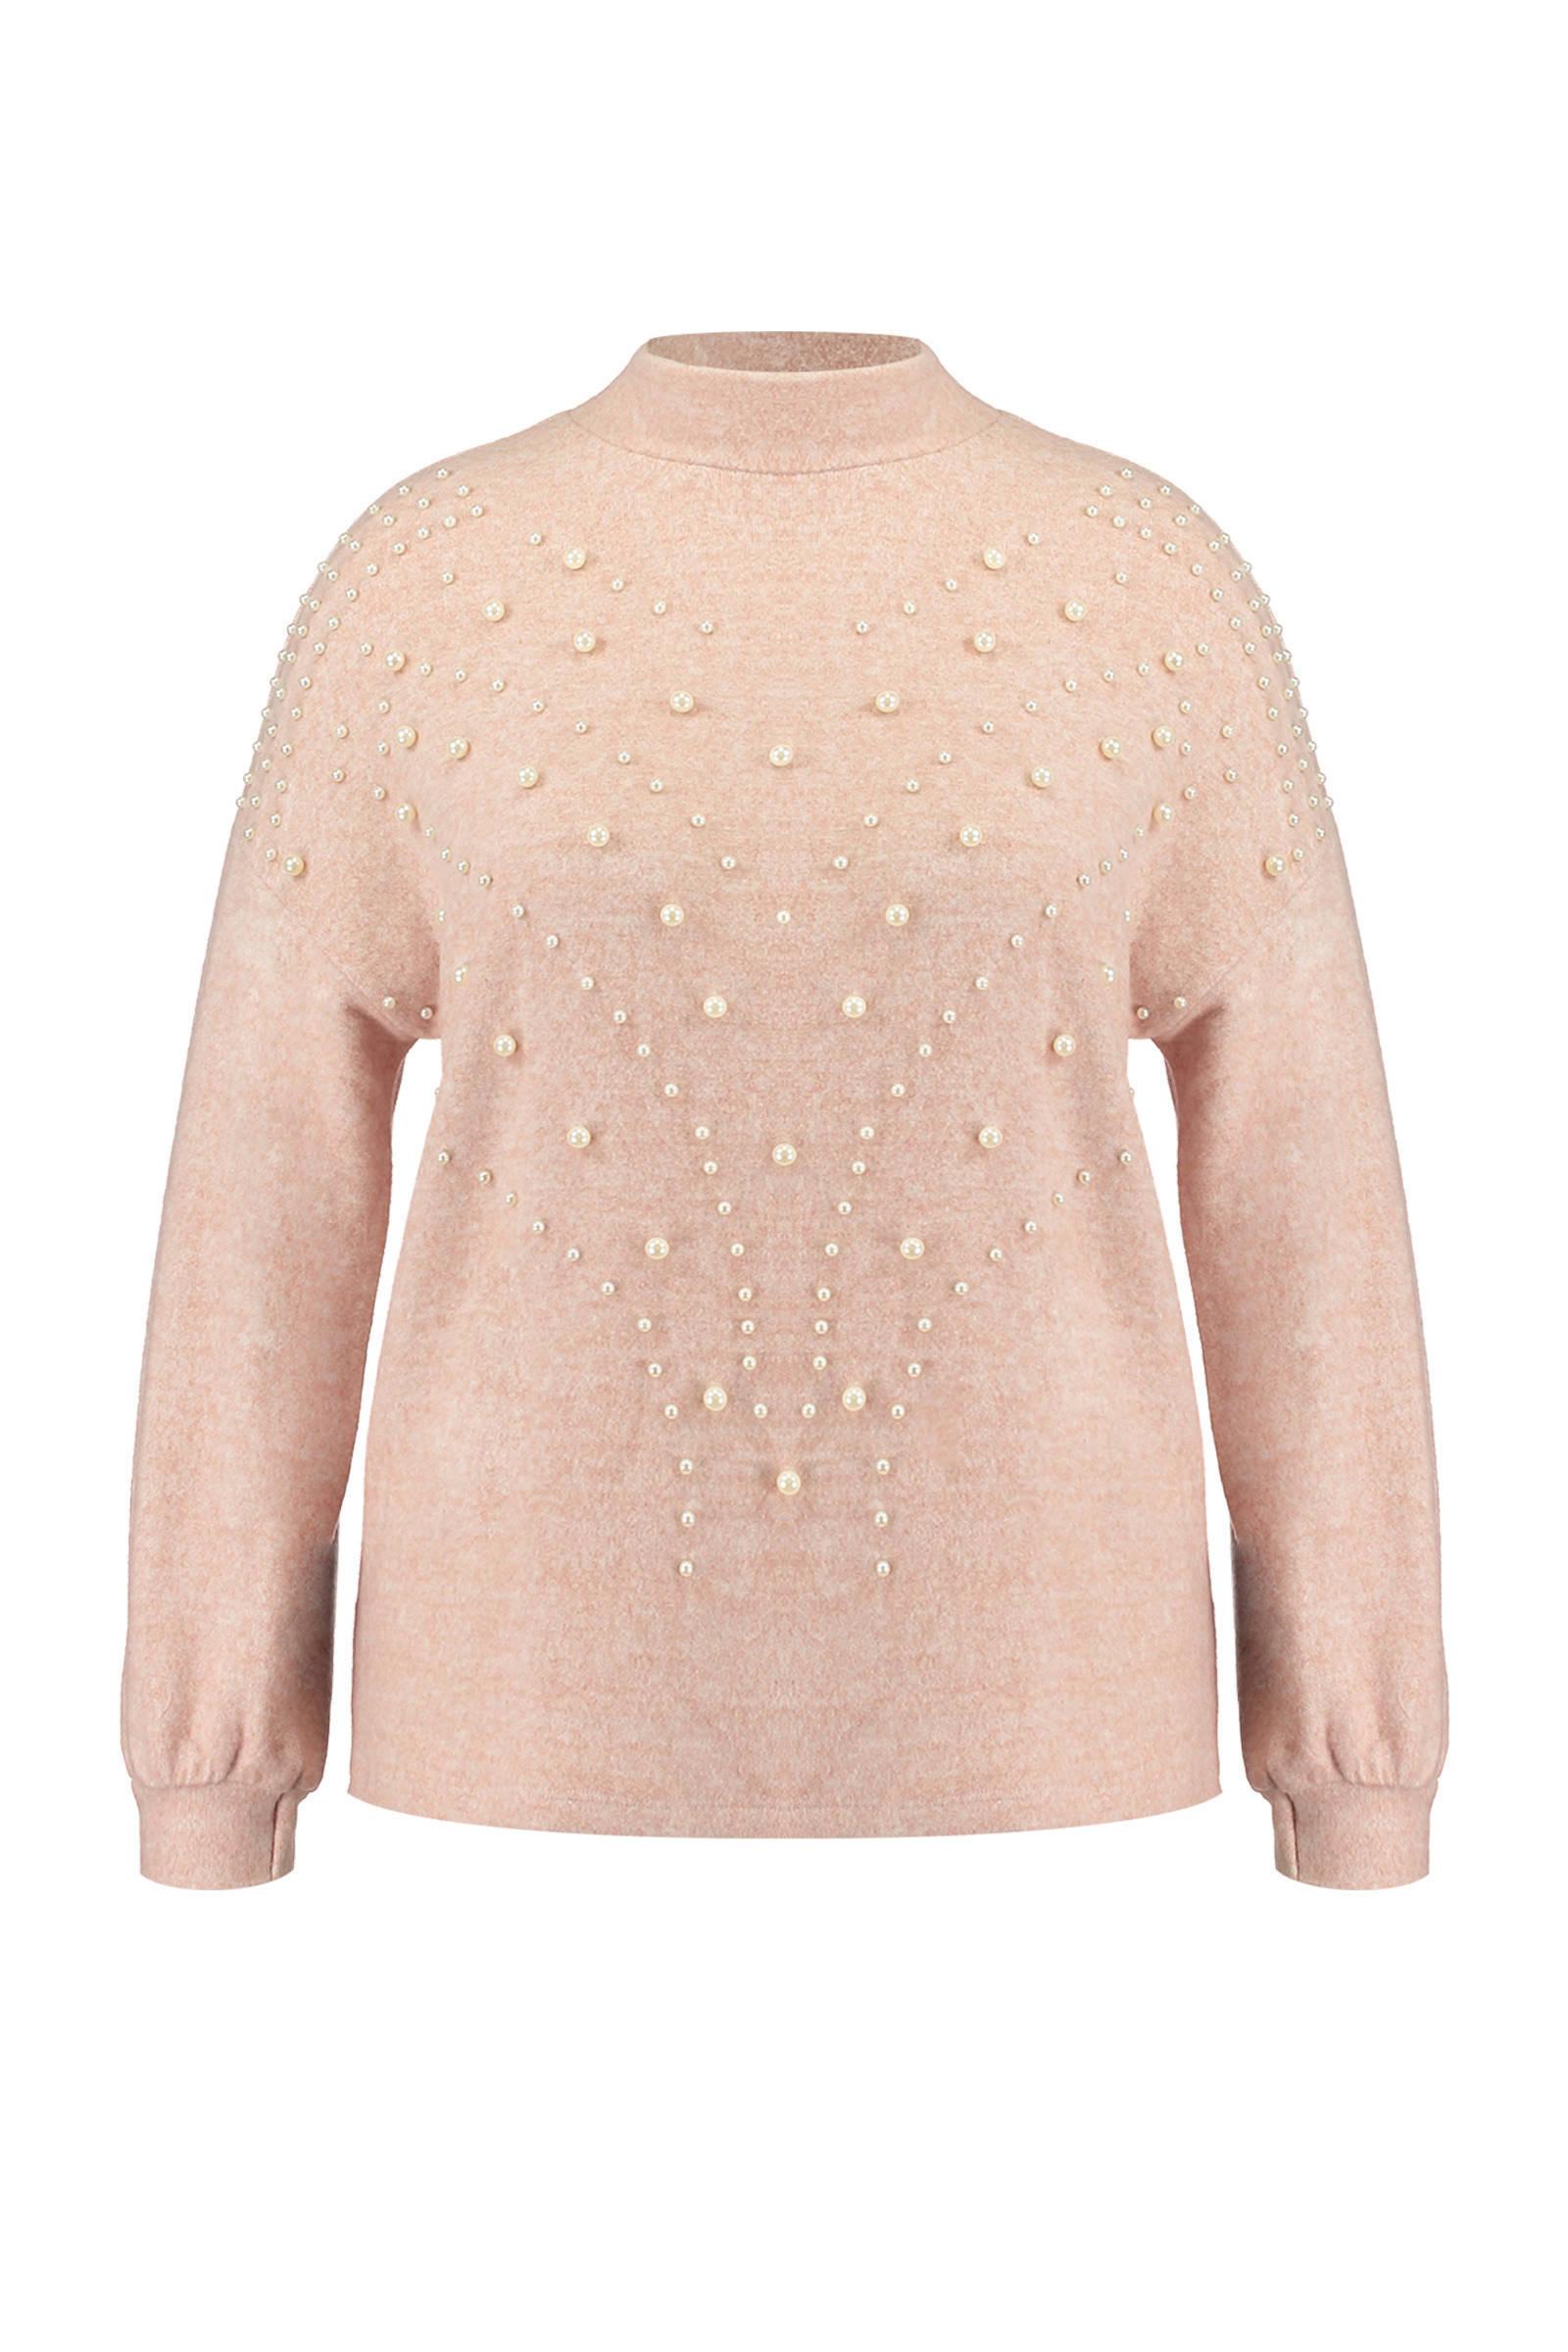 MS Mode gemêleerde trui met parels lichtroze (dames)